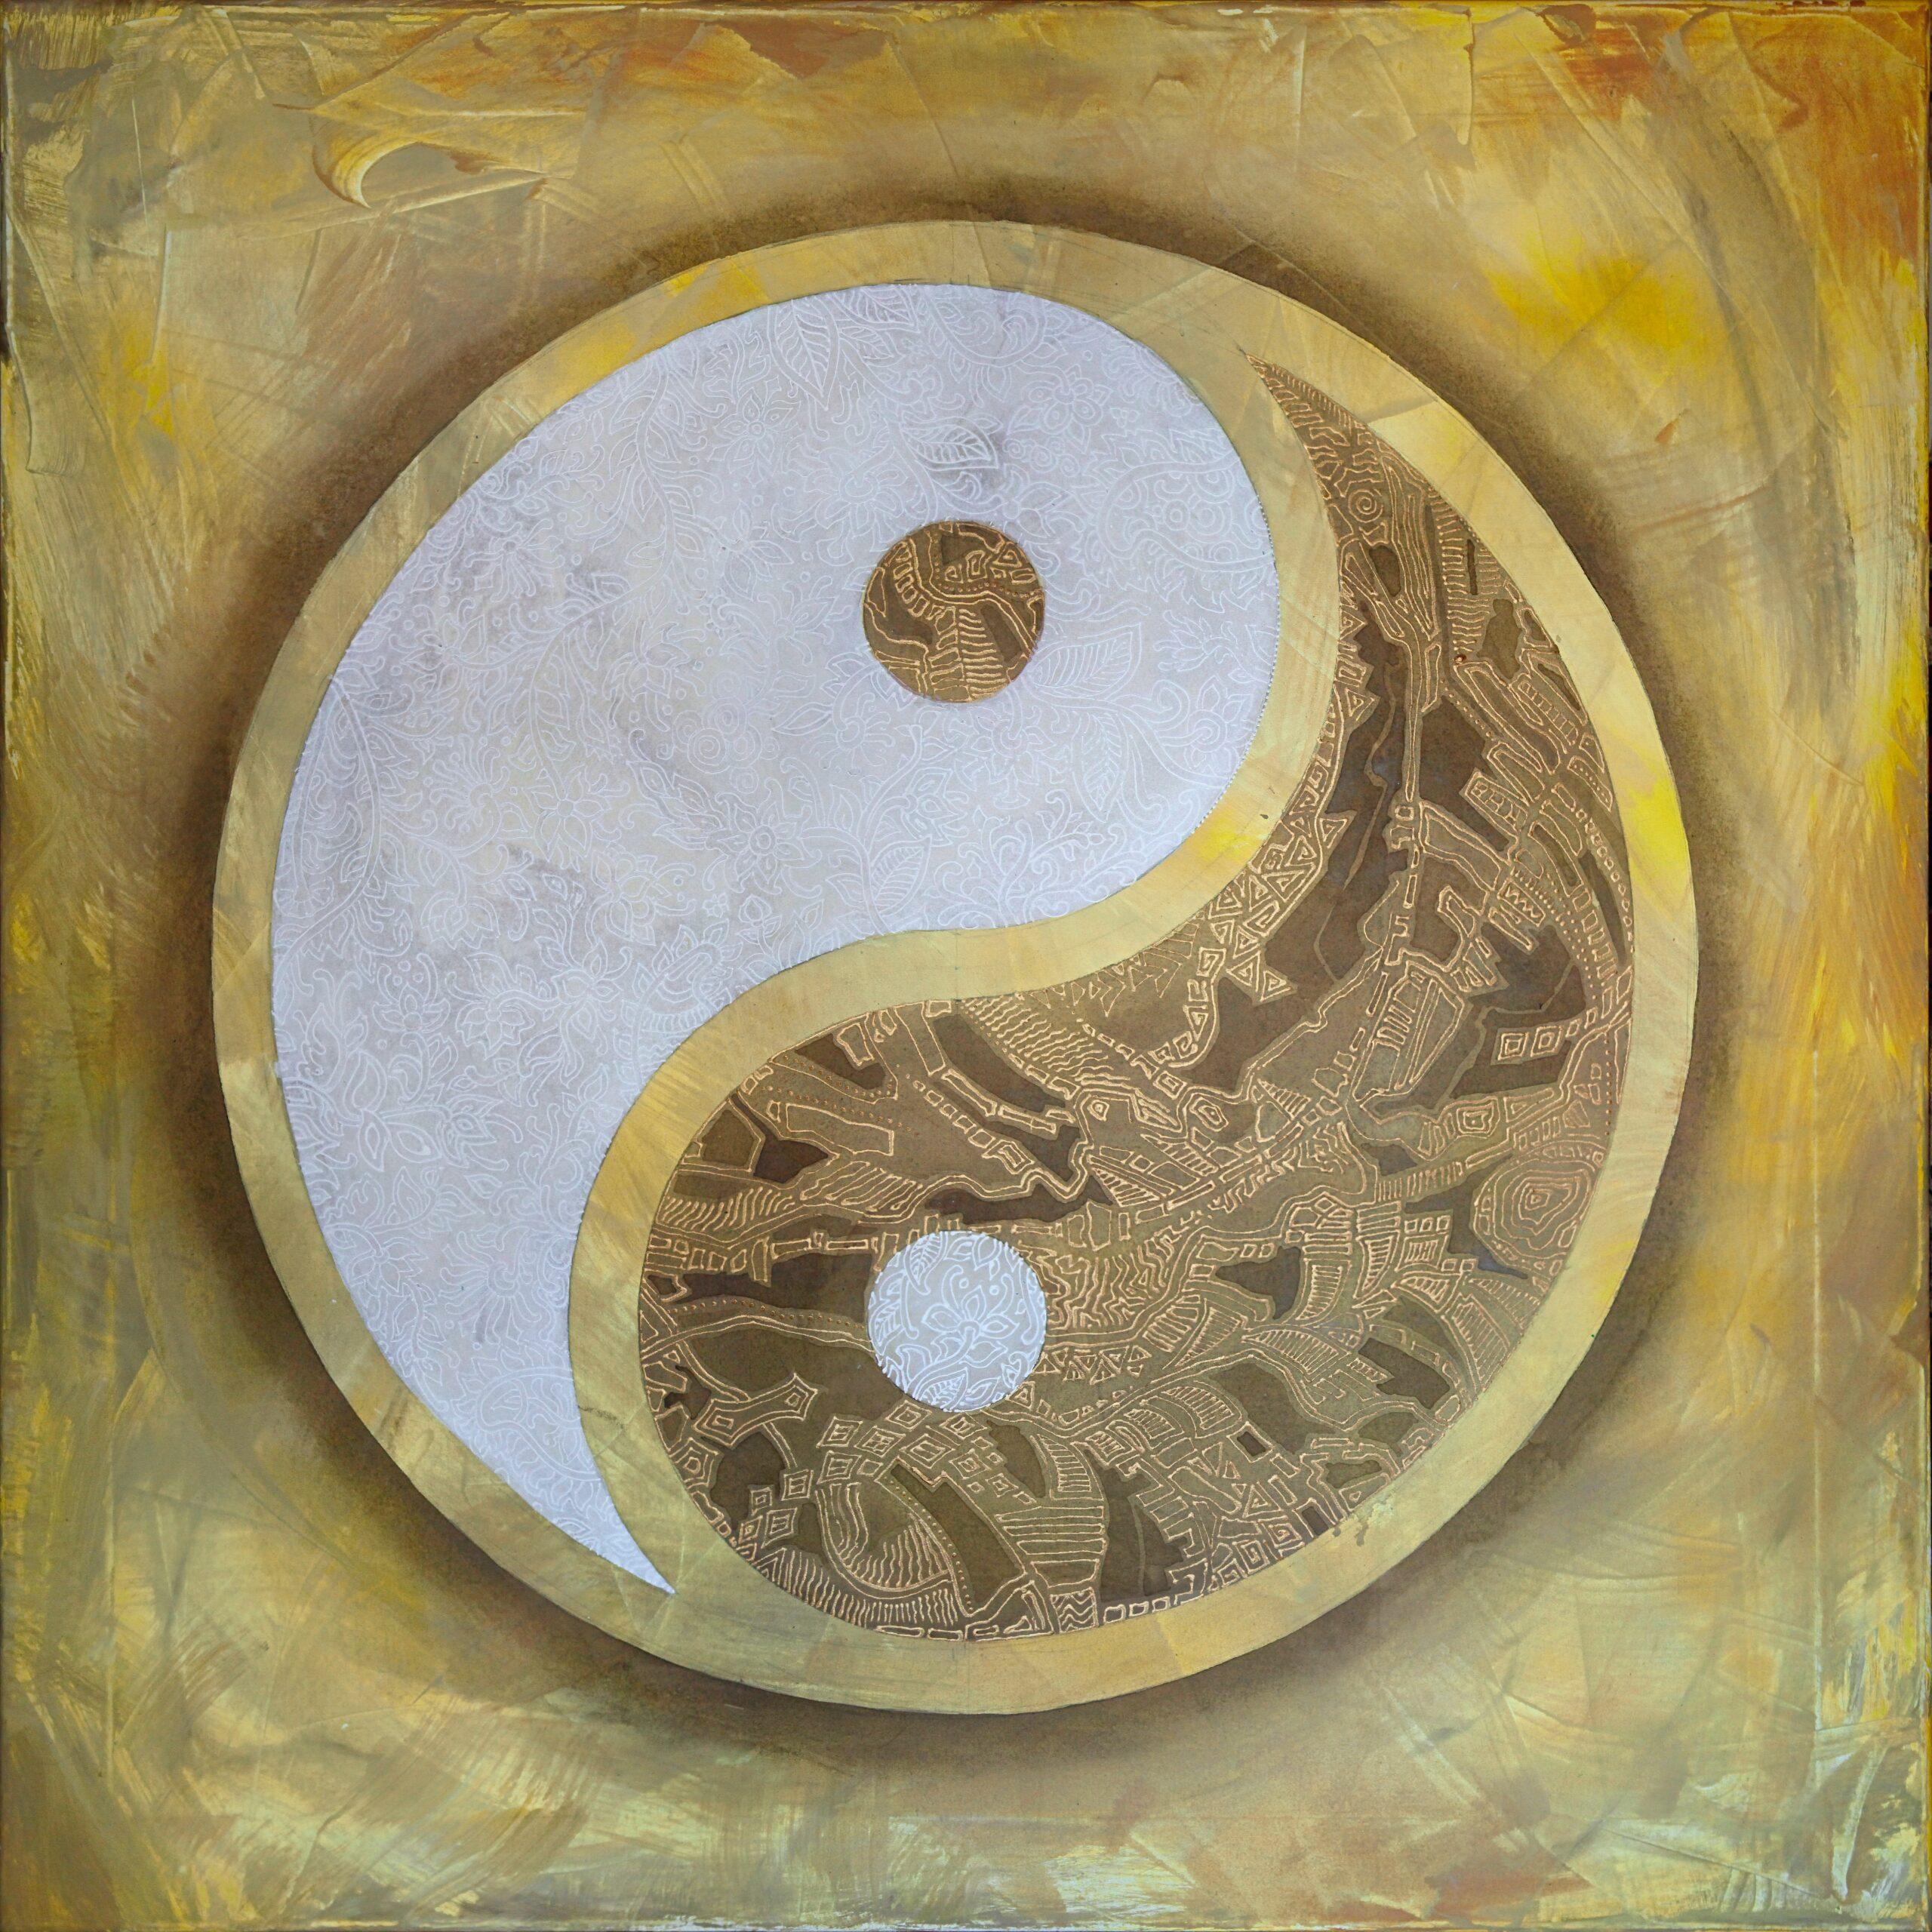 Yin yang symbol on gold background